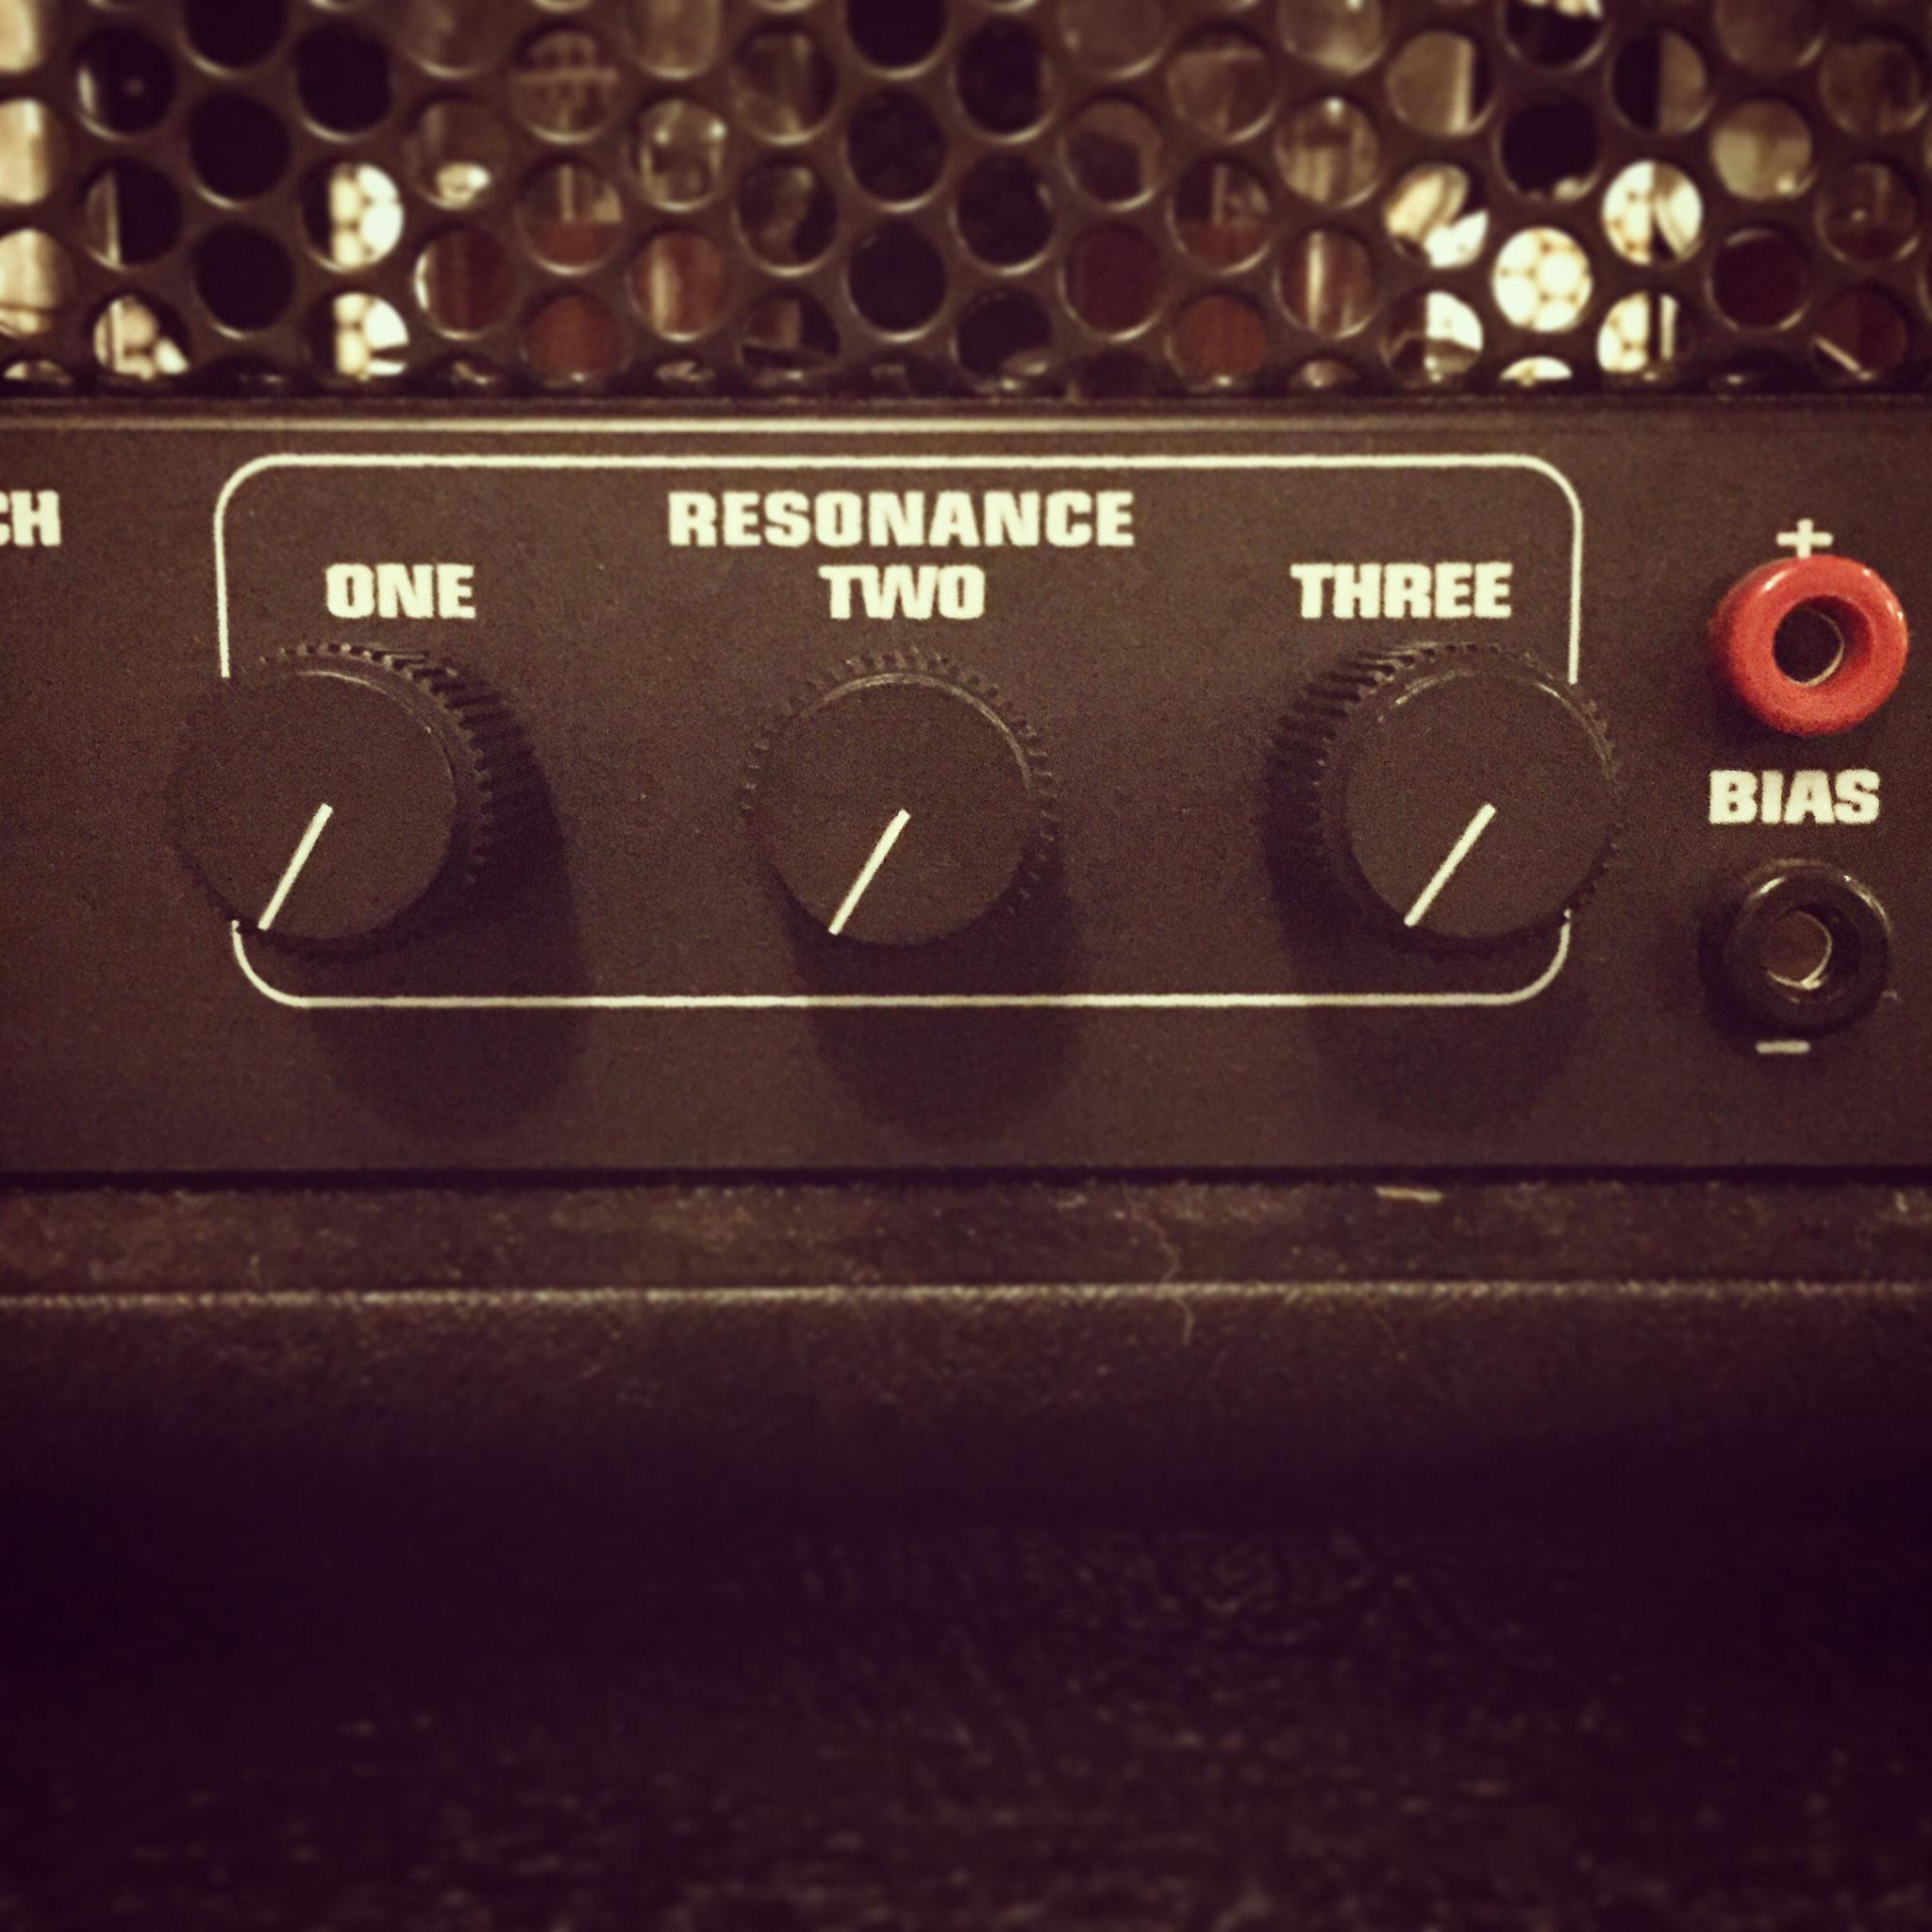 RESONANCE ここで「低音の鳴り」を調整できます。